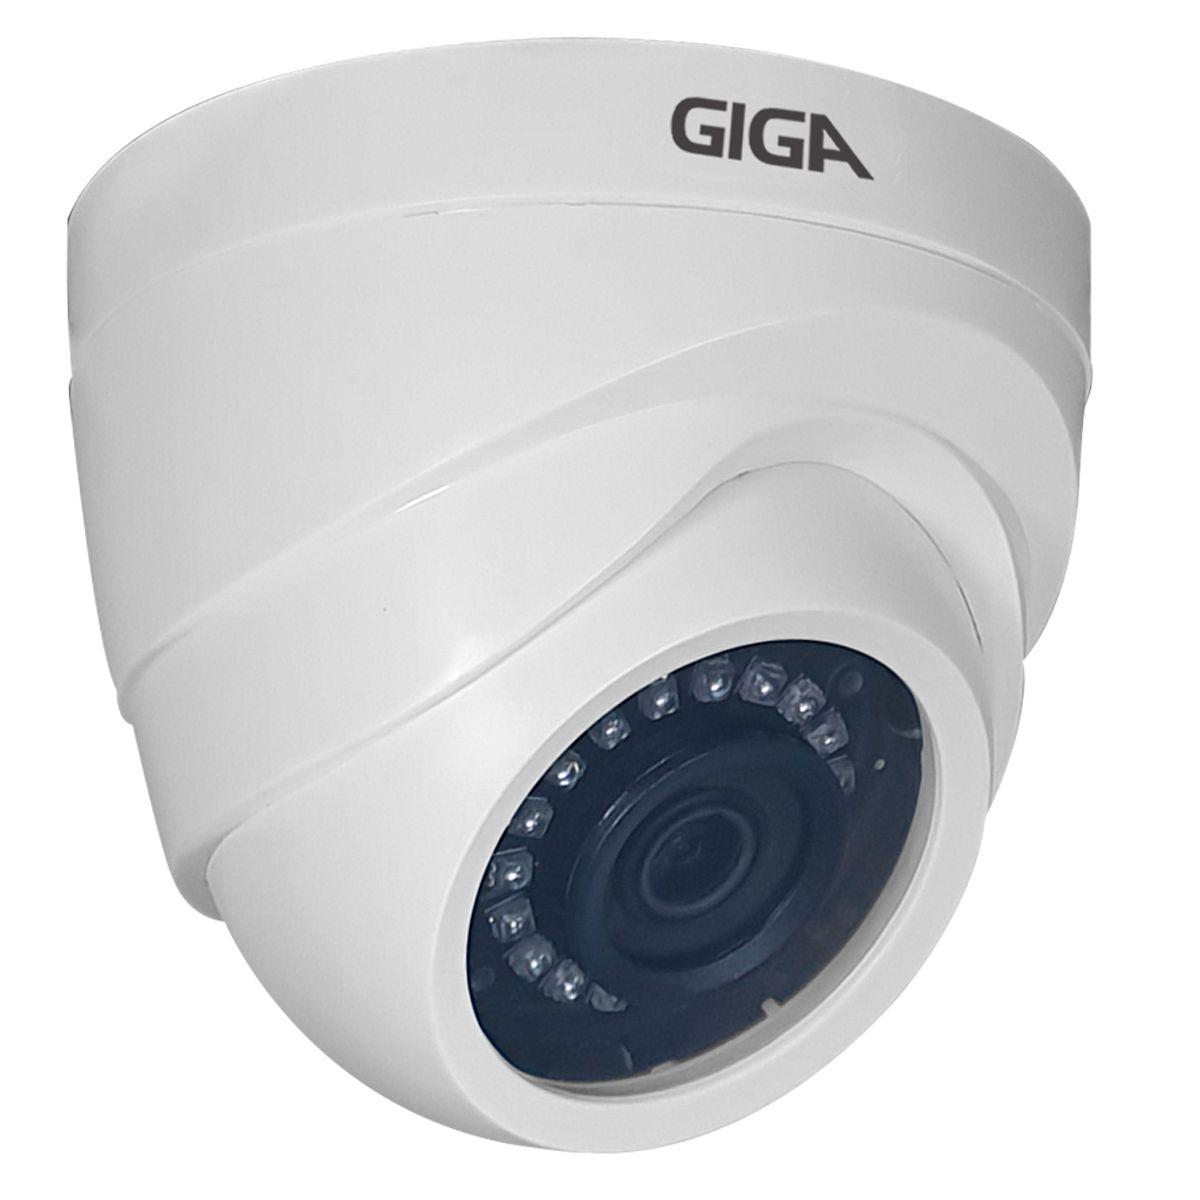 Kit Giga Security 4 Câmeras HD 720p GS0019 + DVR Lite com HD 1TB Seagate + Acessórios  - Tudo Forte